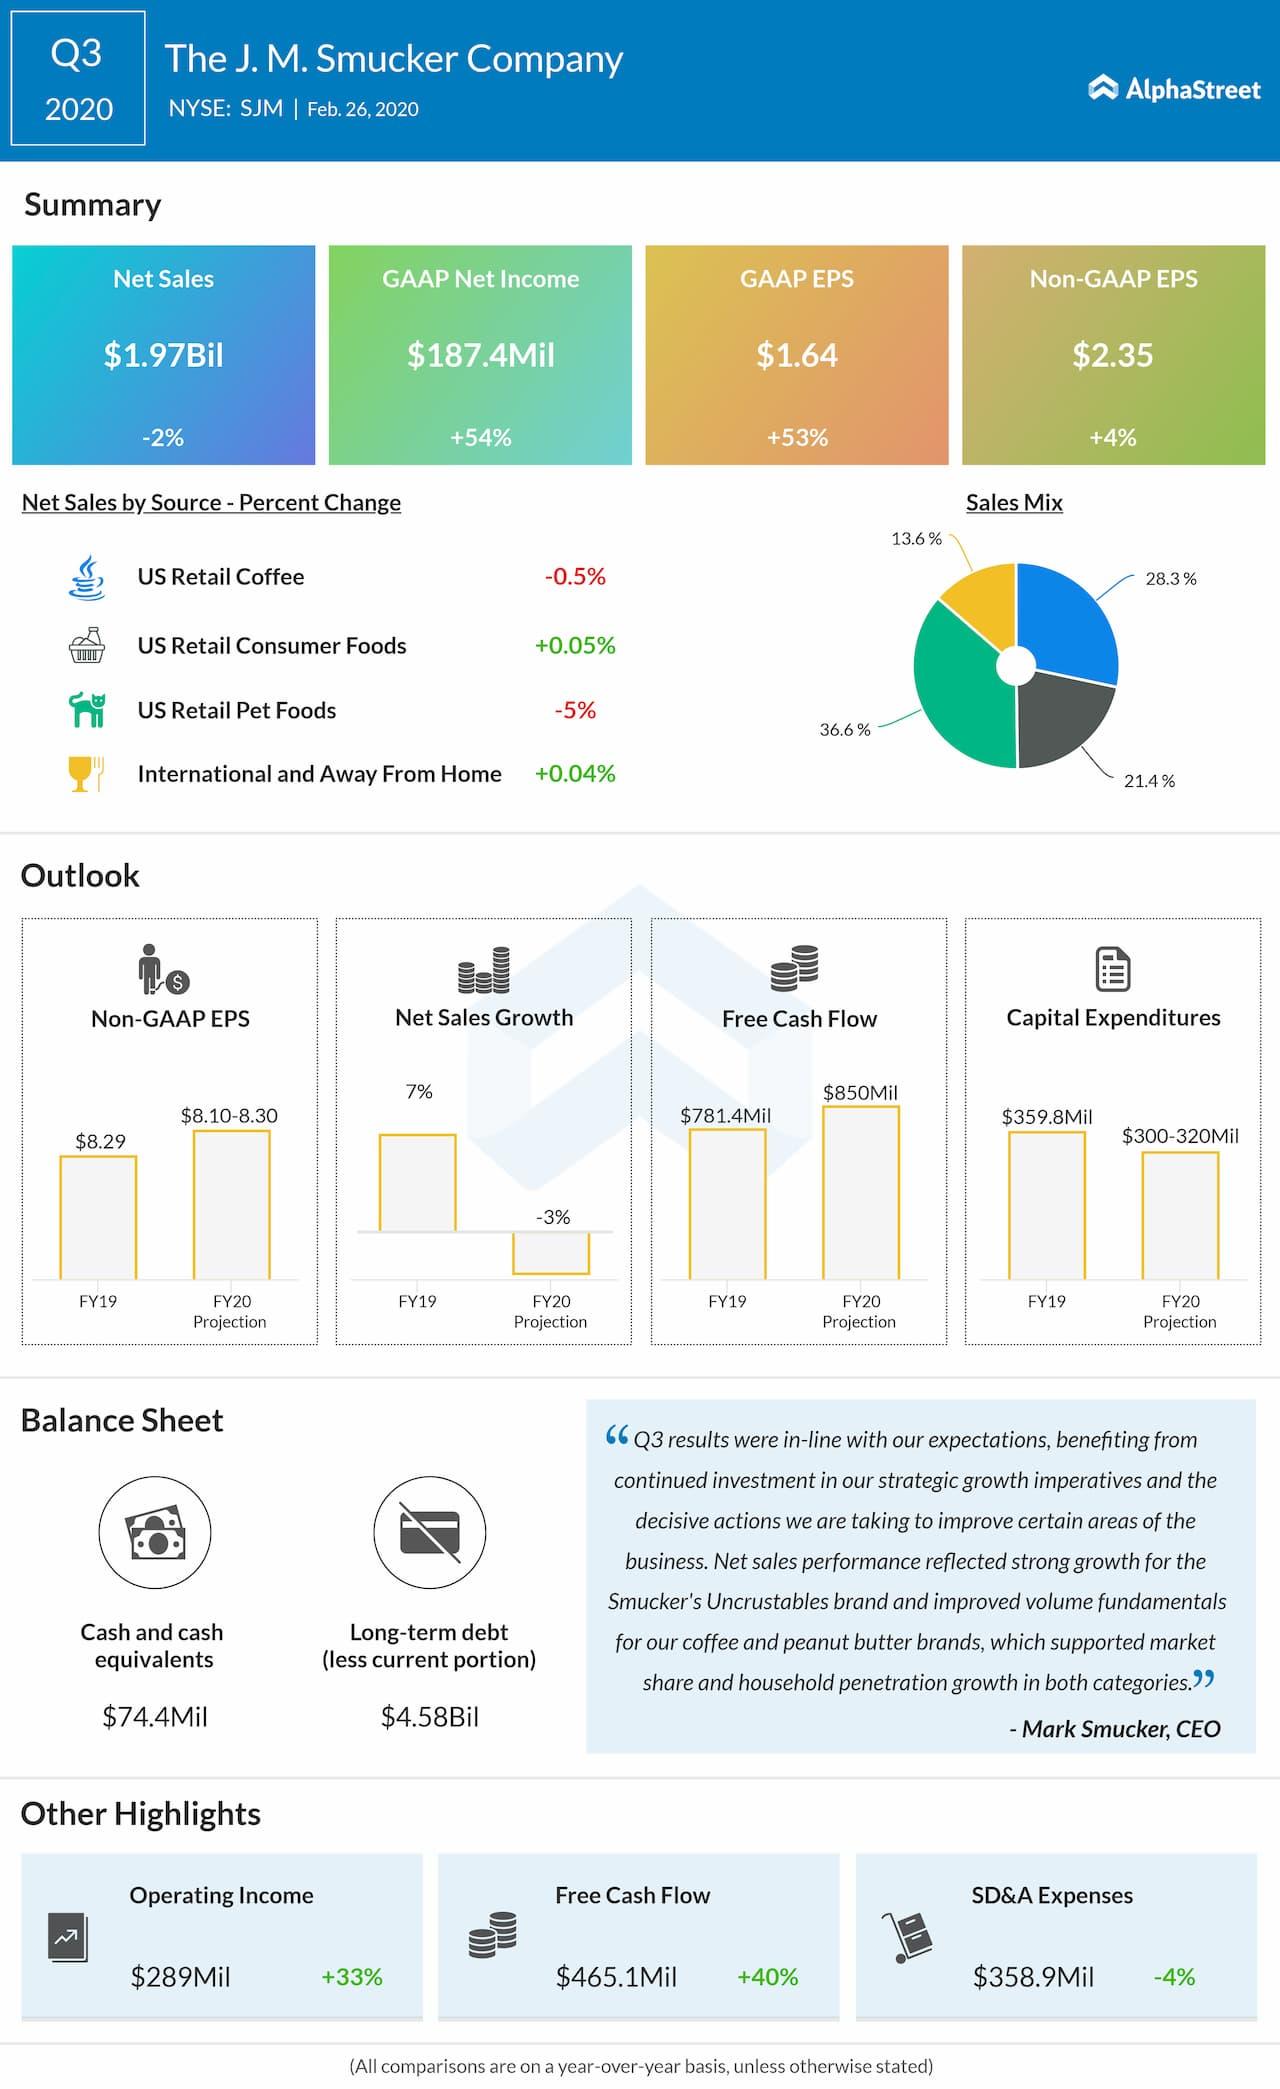 JM Smucker (SJM) Q3 2020 earnings snapshot